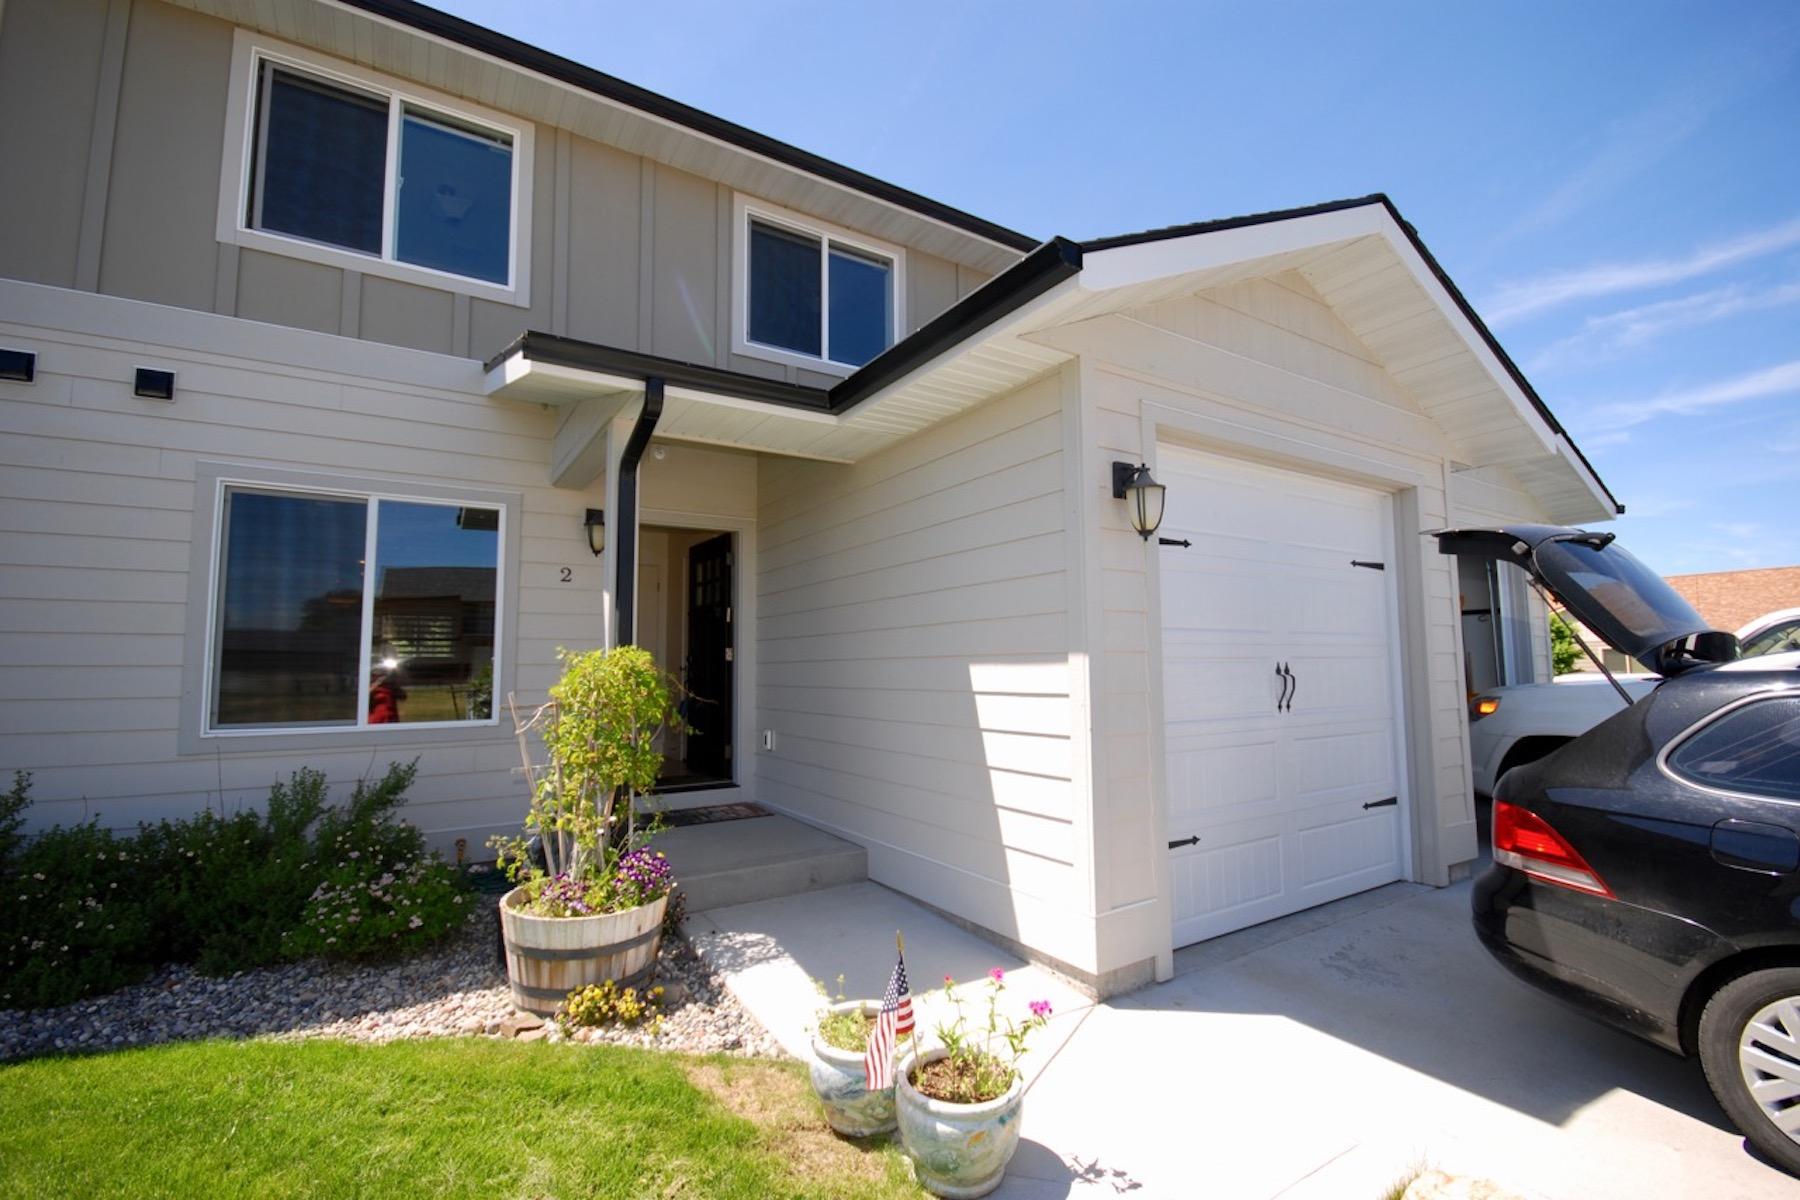 Residência urbana para Venda às 116 Bow Perch, Unit 2 116 Bow Perch Unit 2 Bozeman, Montana, 59718 Estados Unidos